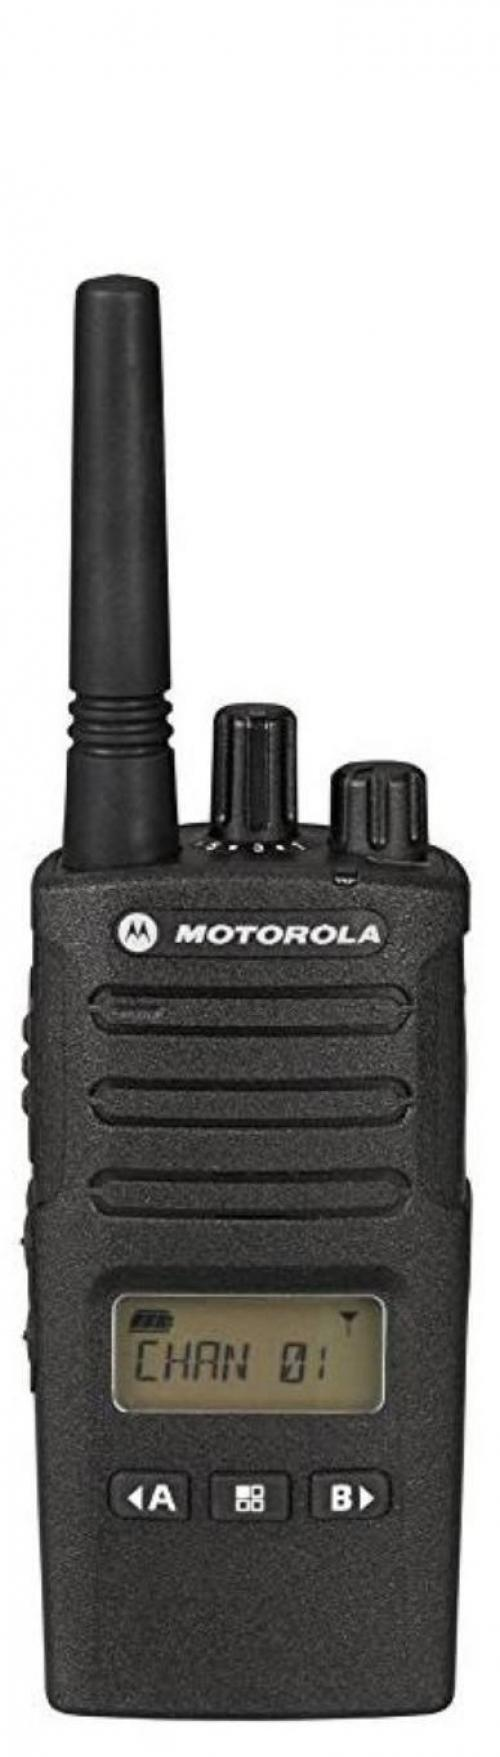 Motorola XT460 ipari kivitelű kijelzős engedély nélküli adóvevő | DigitalPlaza.hu